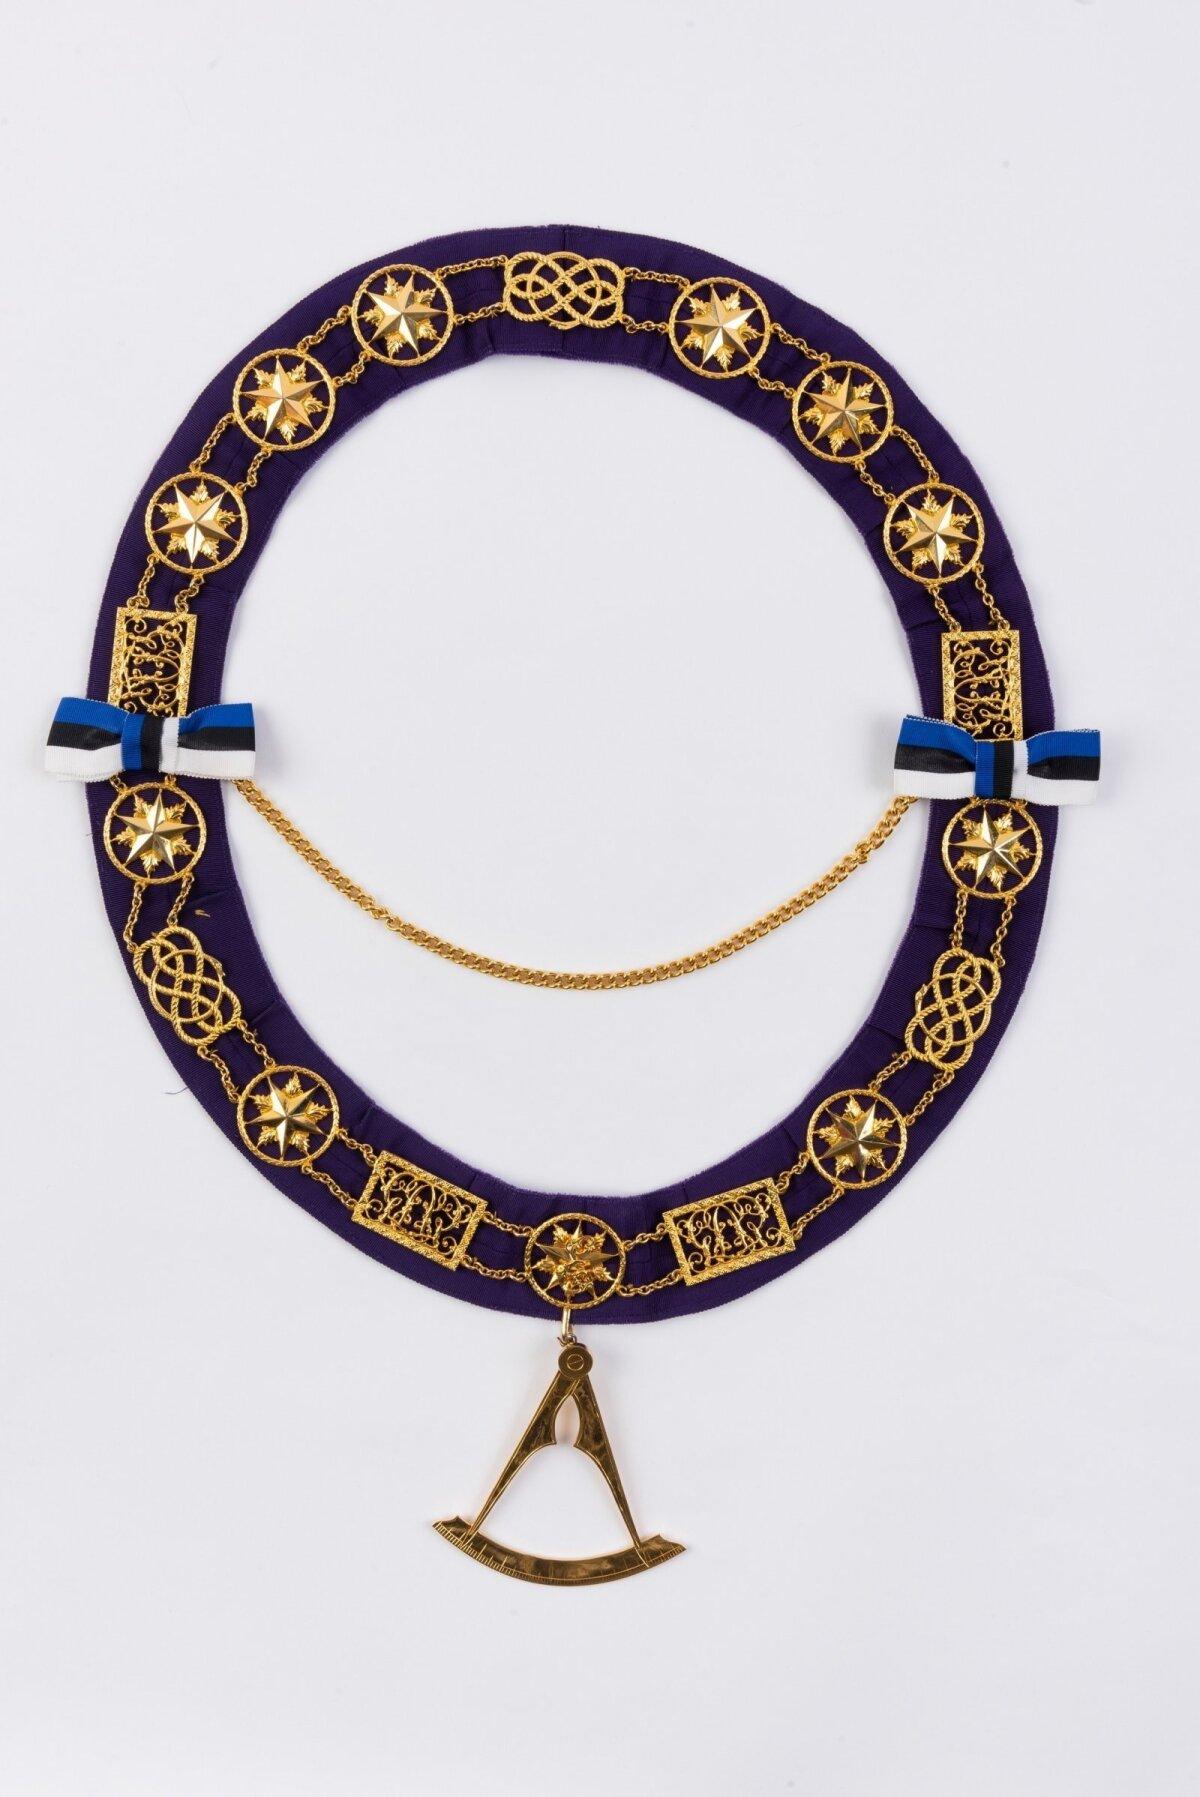 РЕЛИКВИЯ: Цепь великого мастера первой эстонской ложи масонов, принадлежавшая Арно Кёэрна. Фото: коллекция Эстонского исторического музея